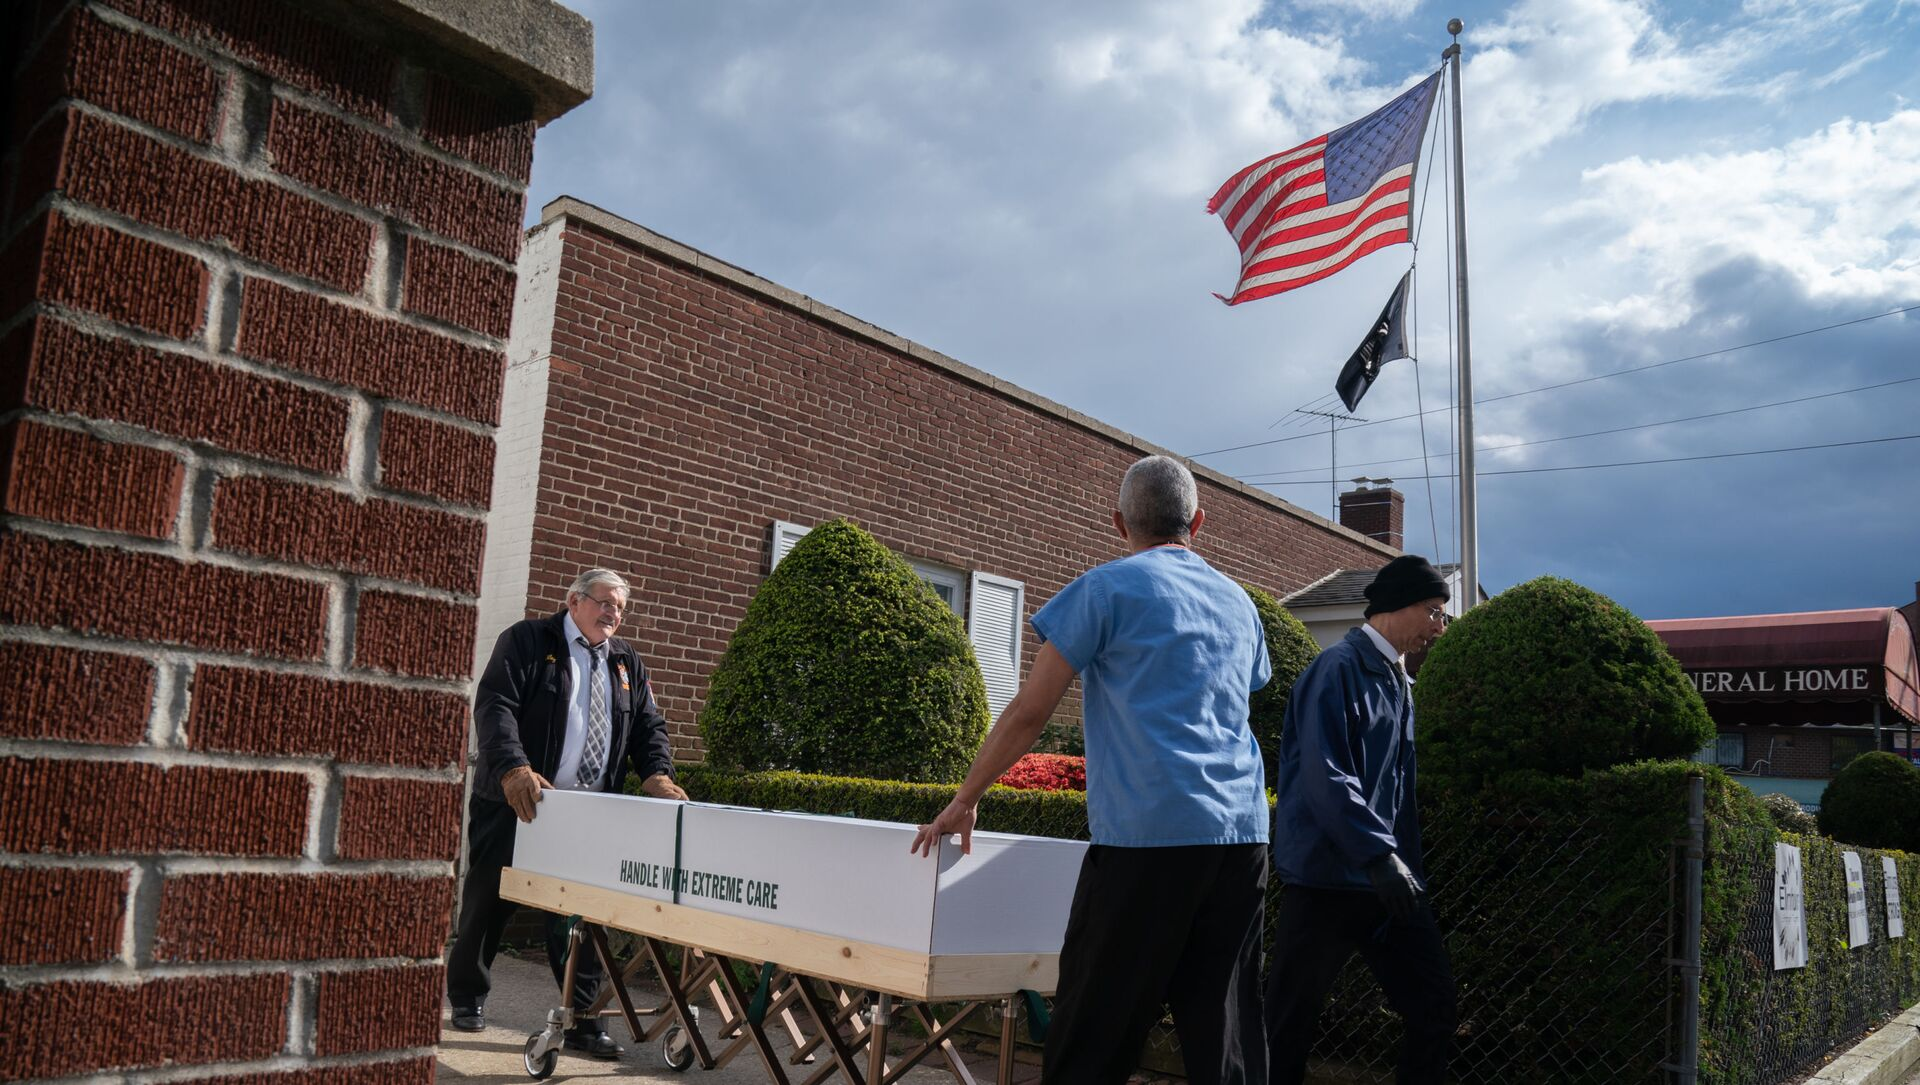 米ルイジアナ州 ハリケーンで墓地から流された棺が村に散乱 - Sputnik 日本, 1920, 02.10.2021